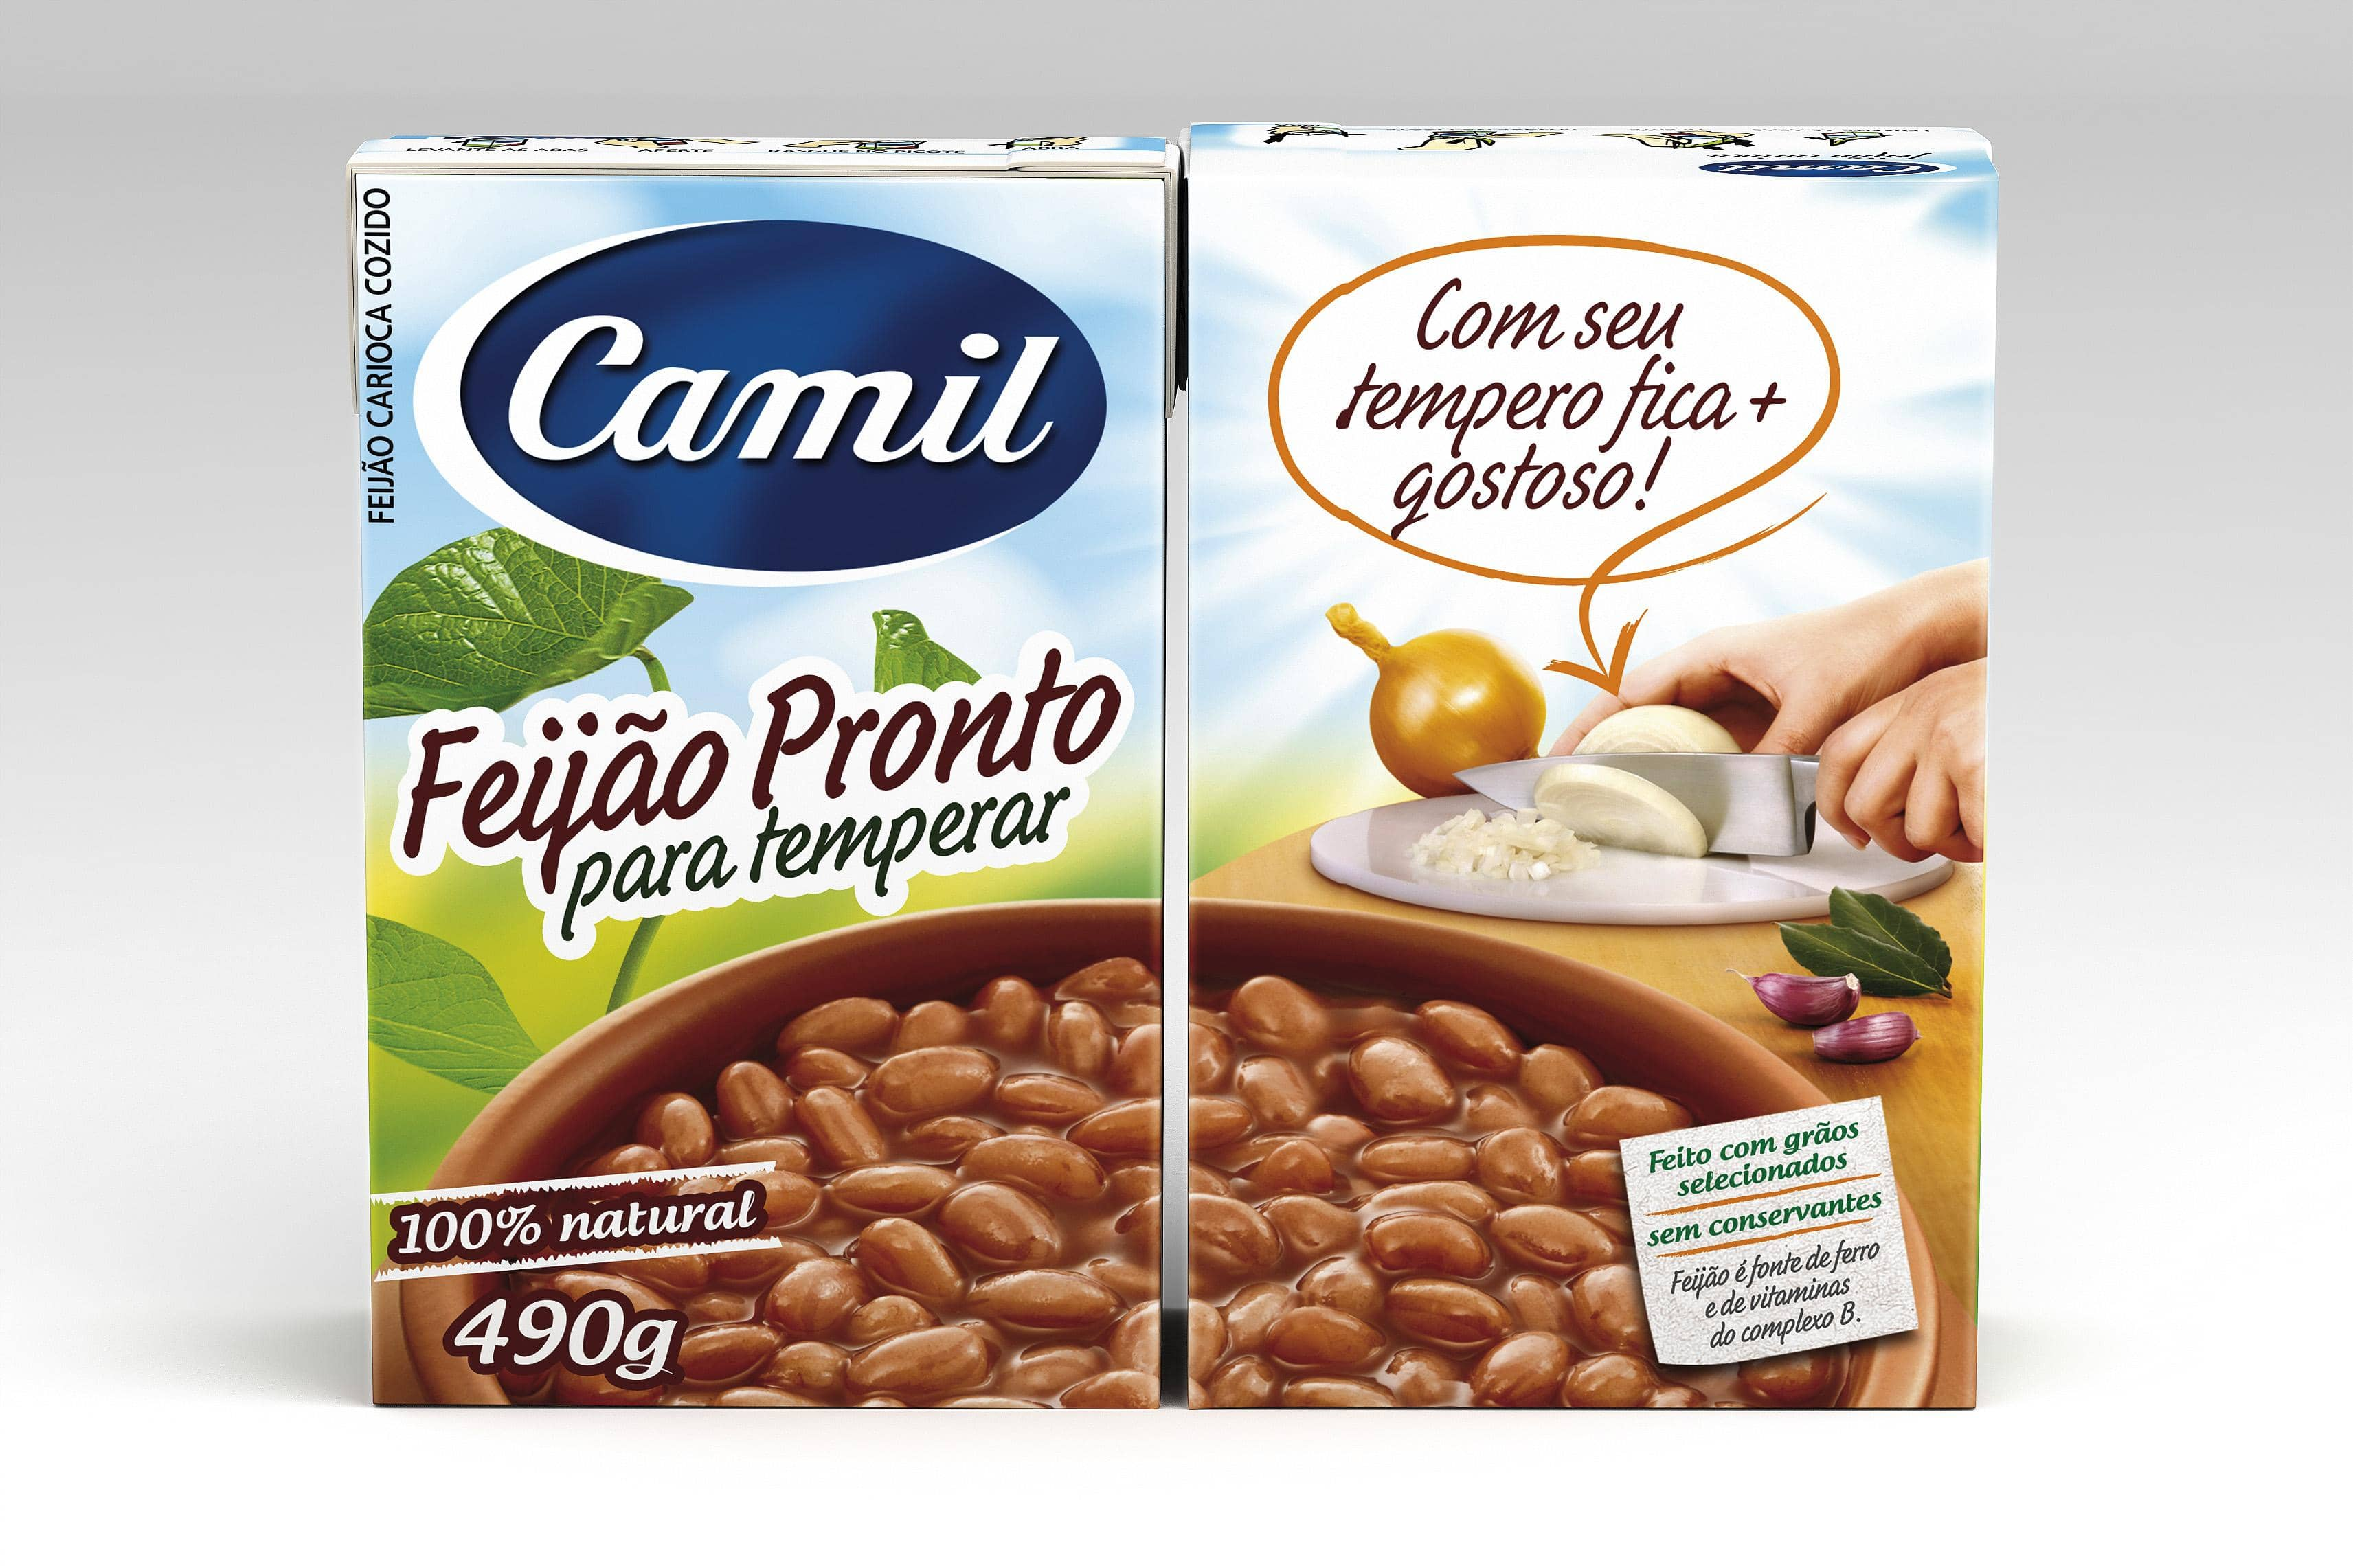 Feijao-Pronto-par02